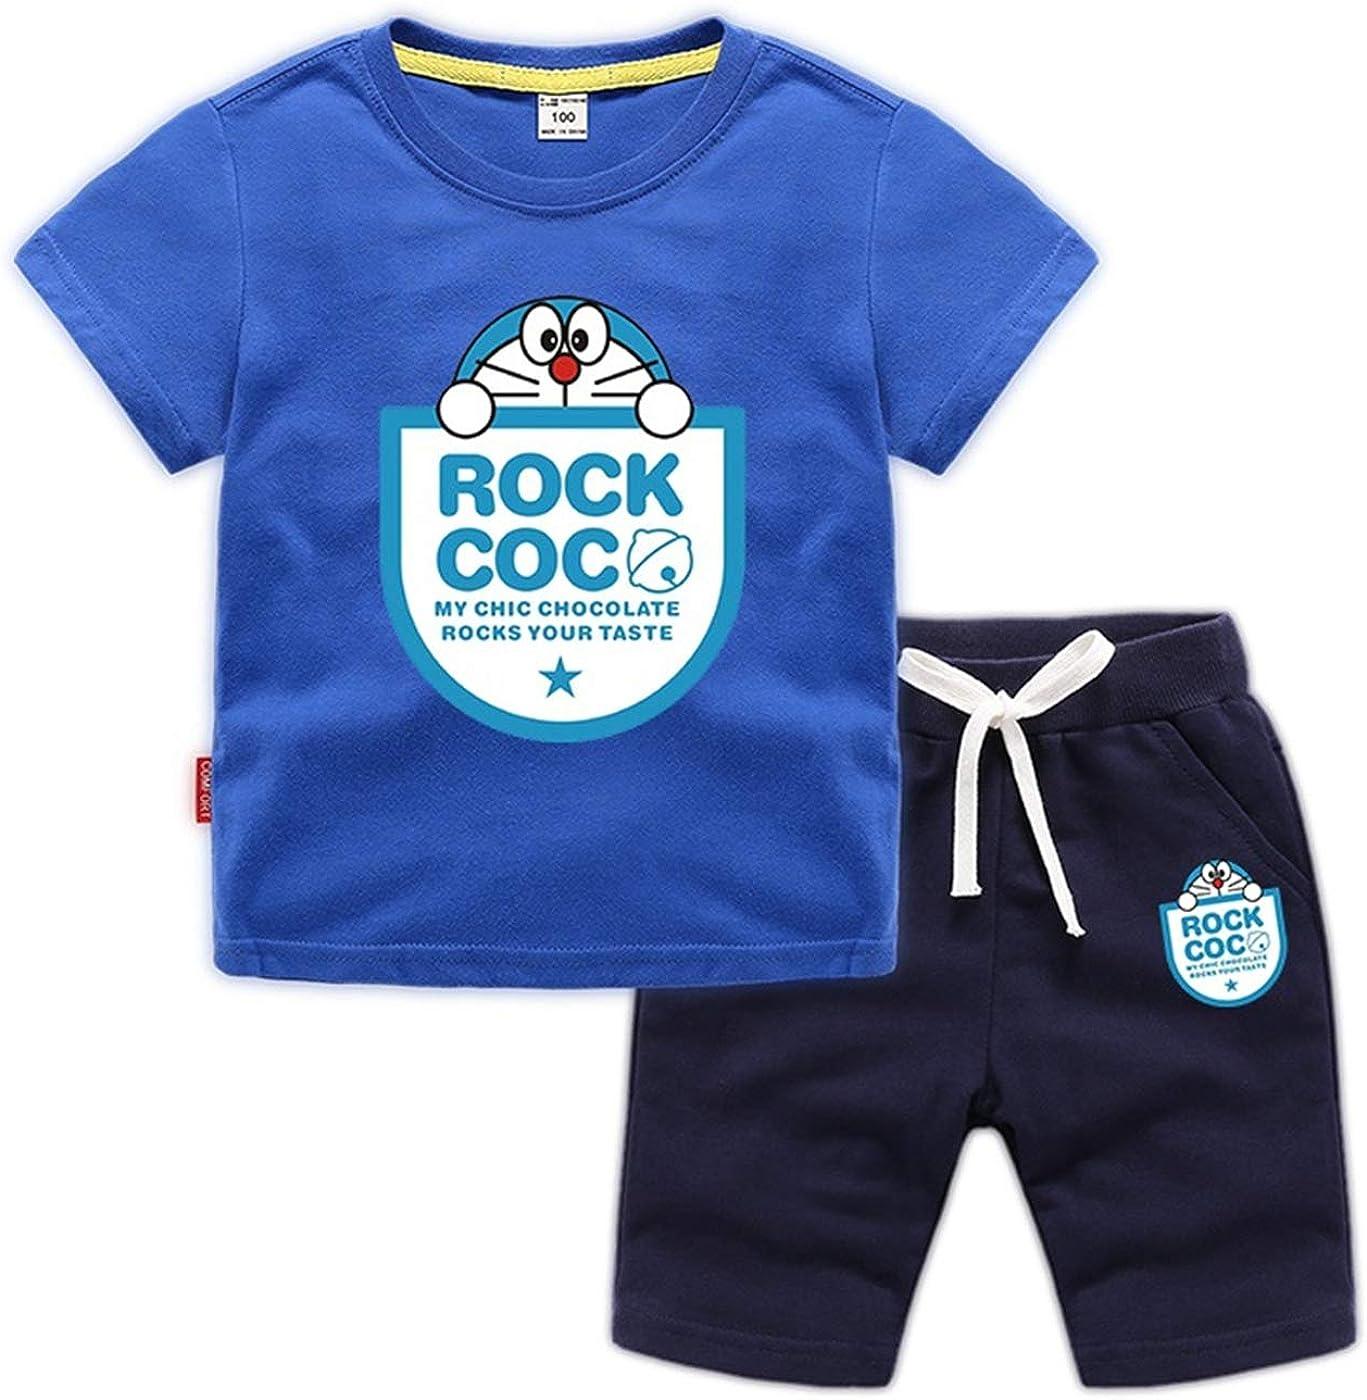 Disney Boys Premium 2-Piece Cotton T-Shirt /& Mesh Shorts Outfit Set For Infant /& Boys Toddler